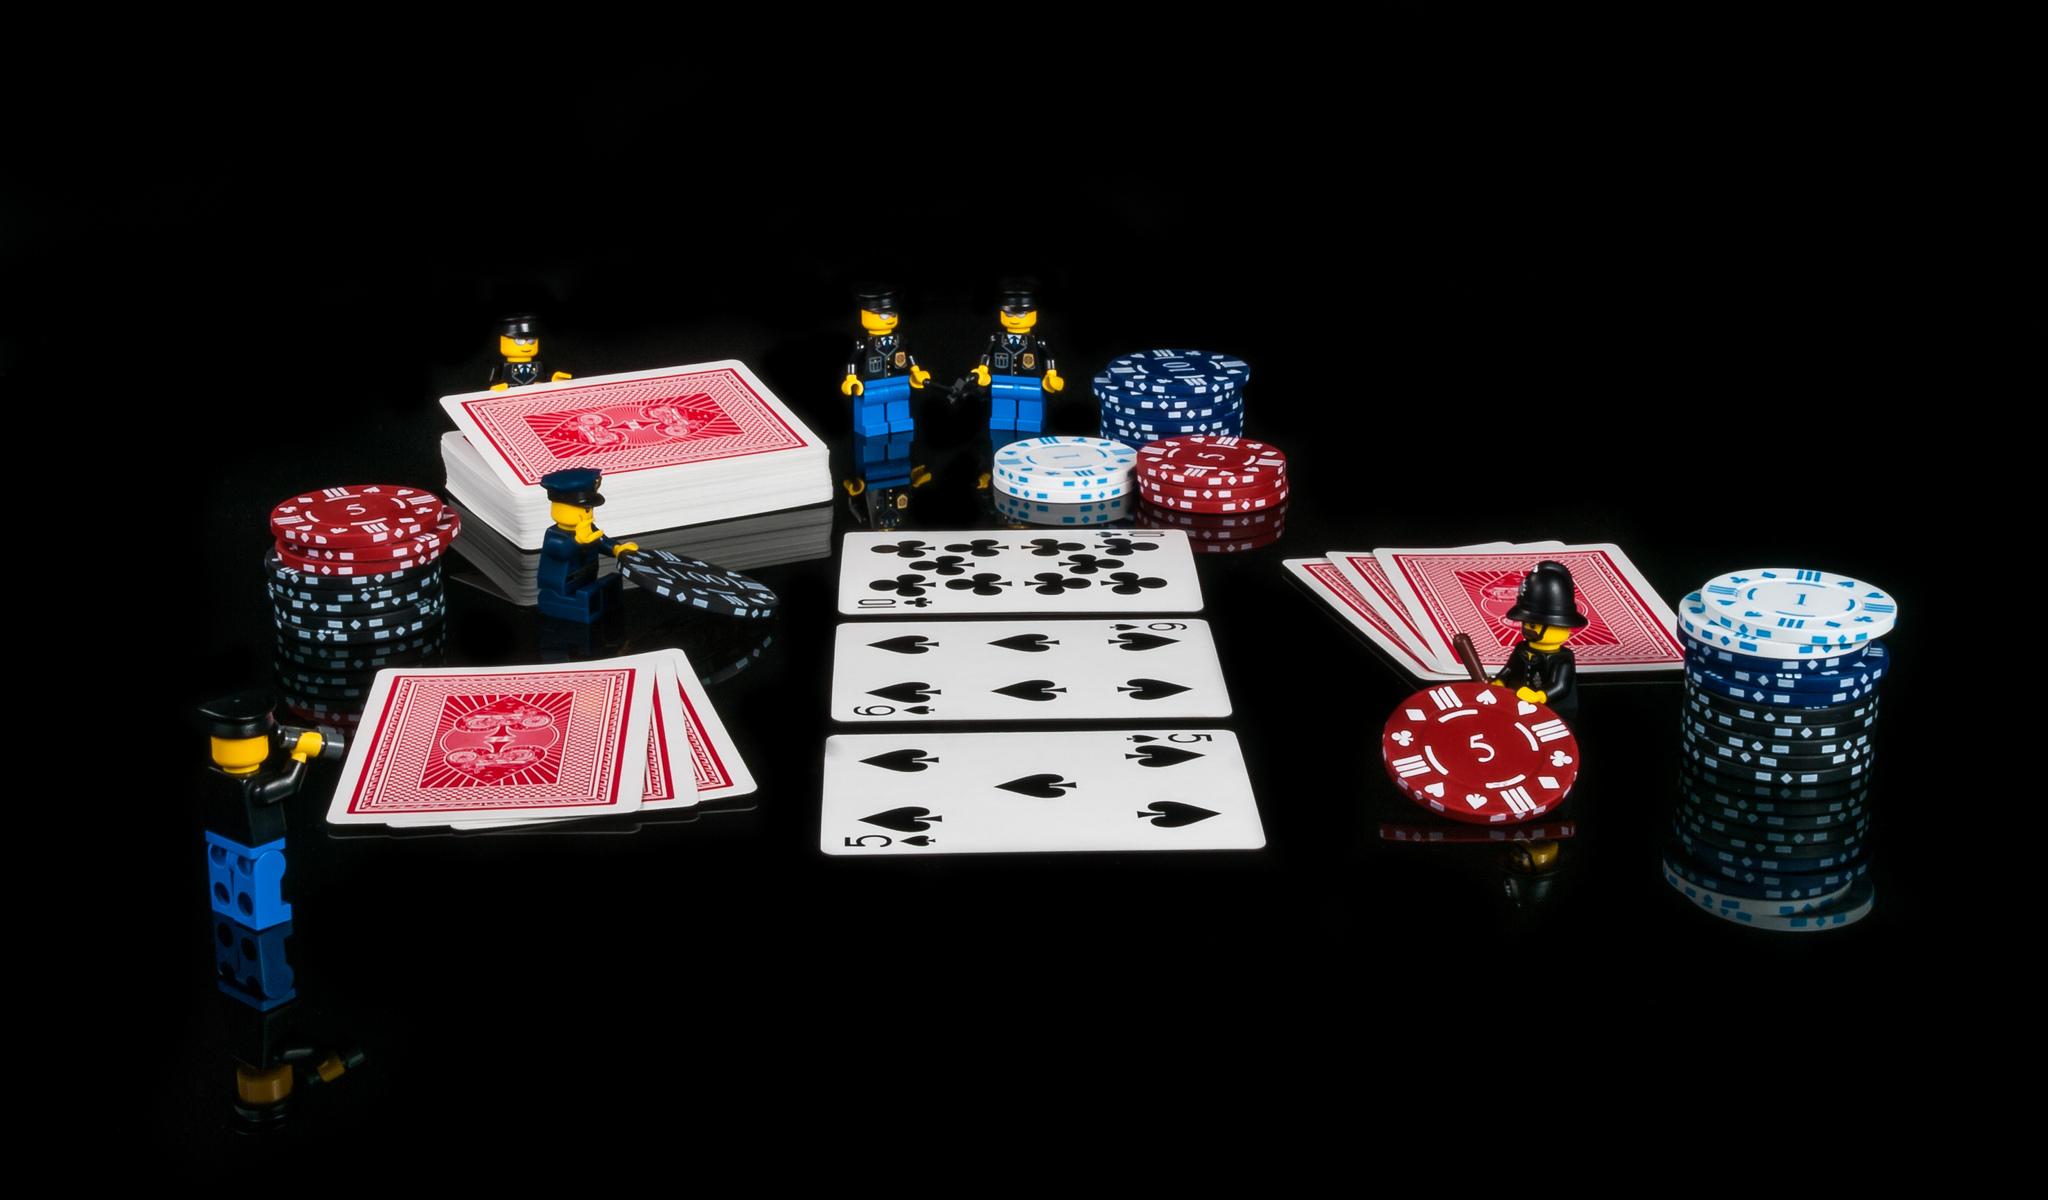 pokeris su lego žmogeliukais